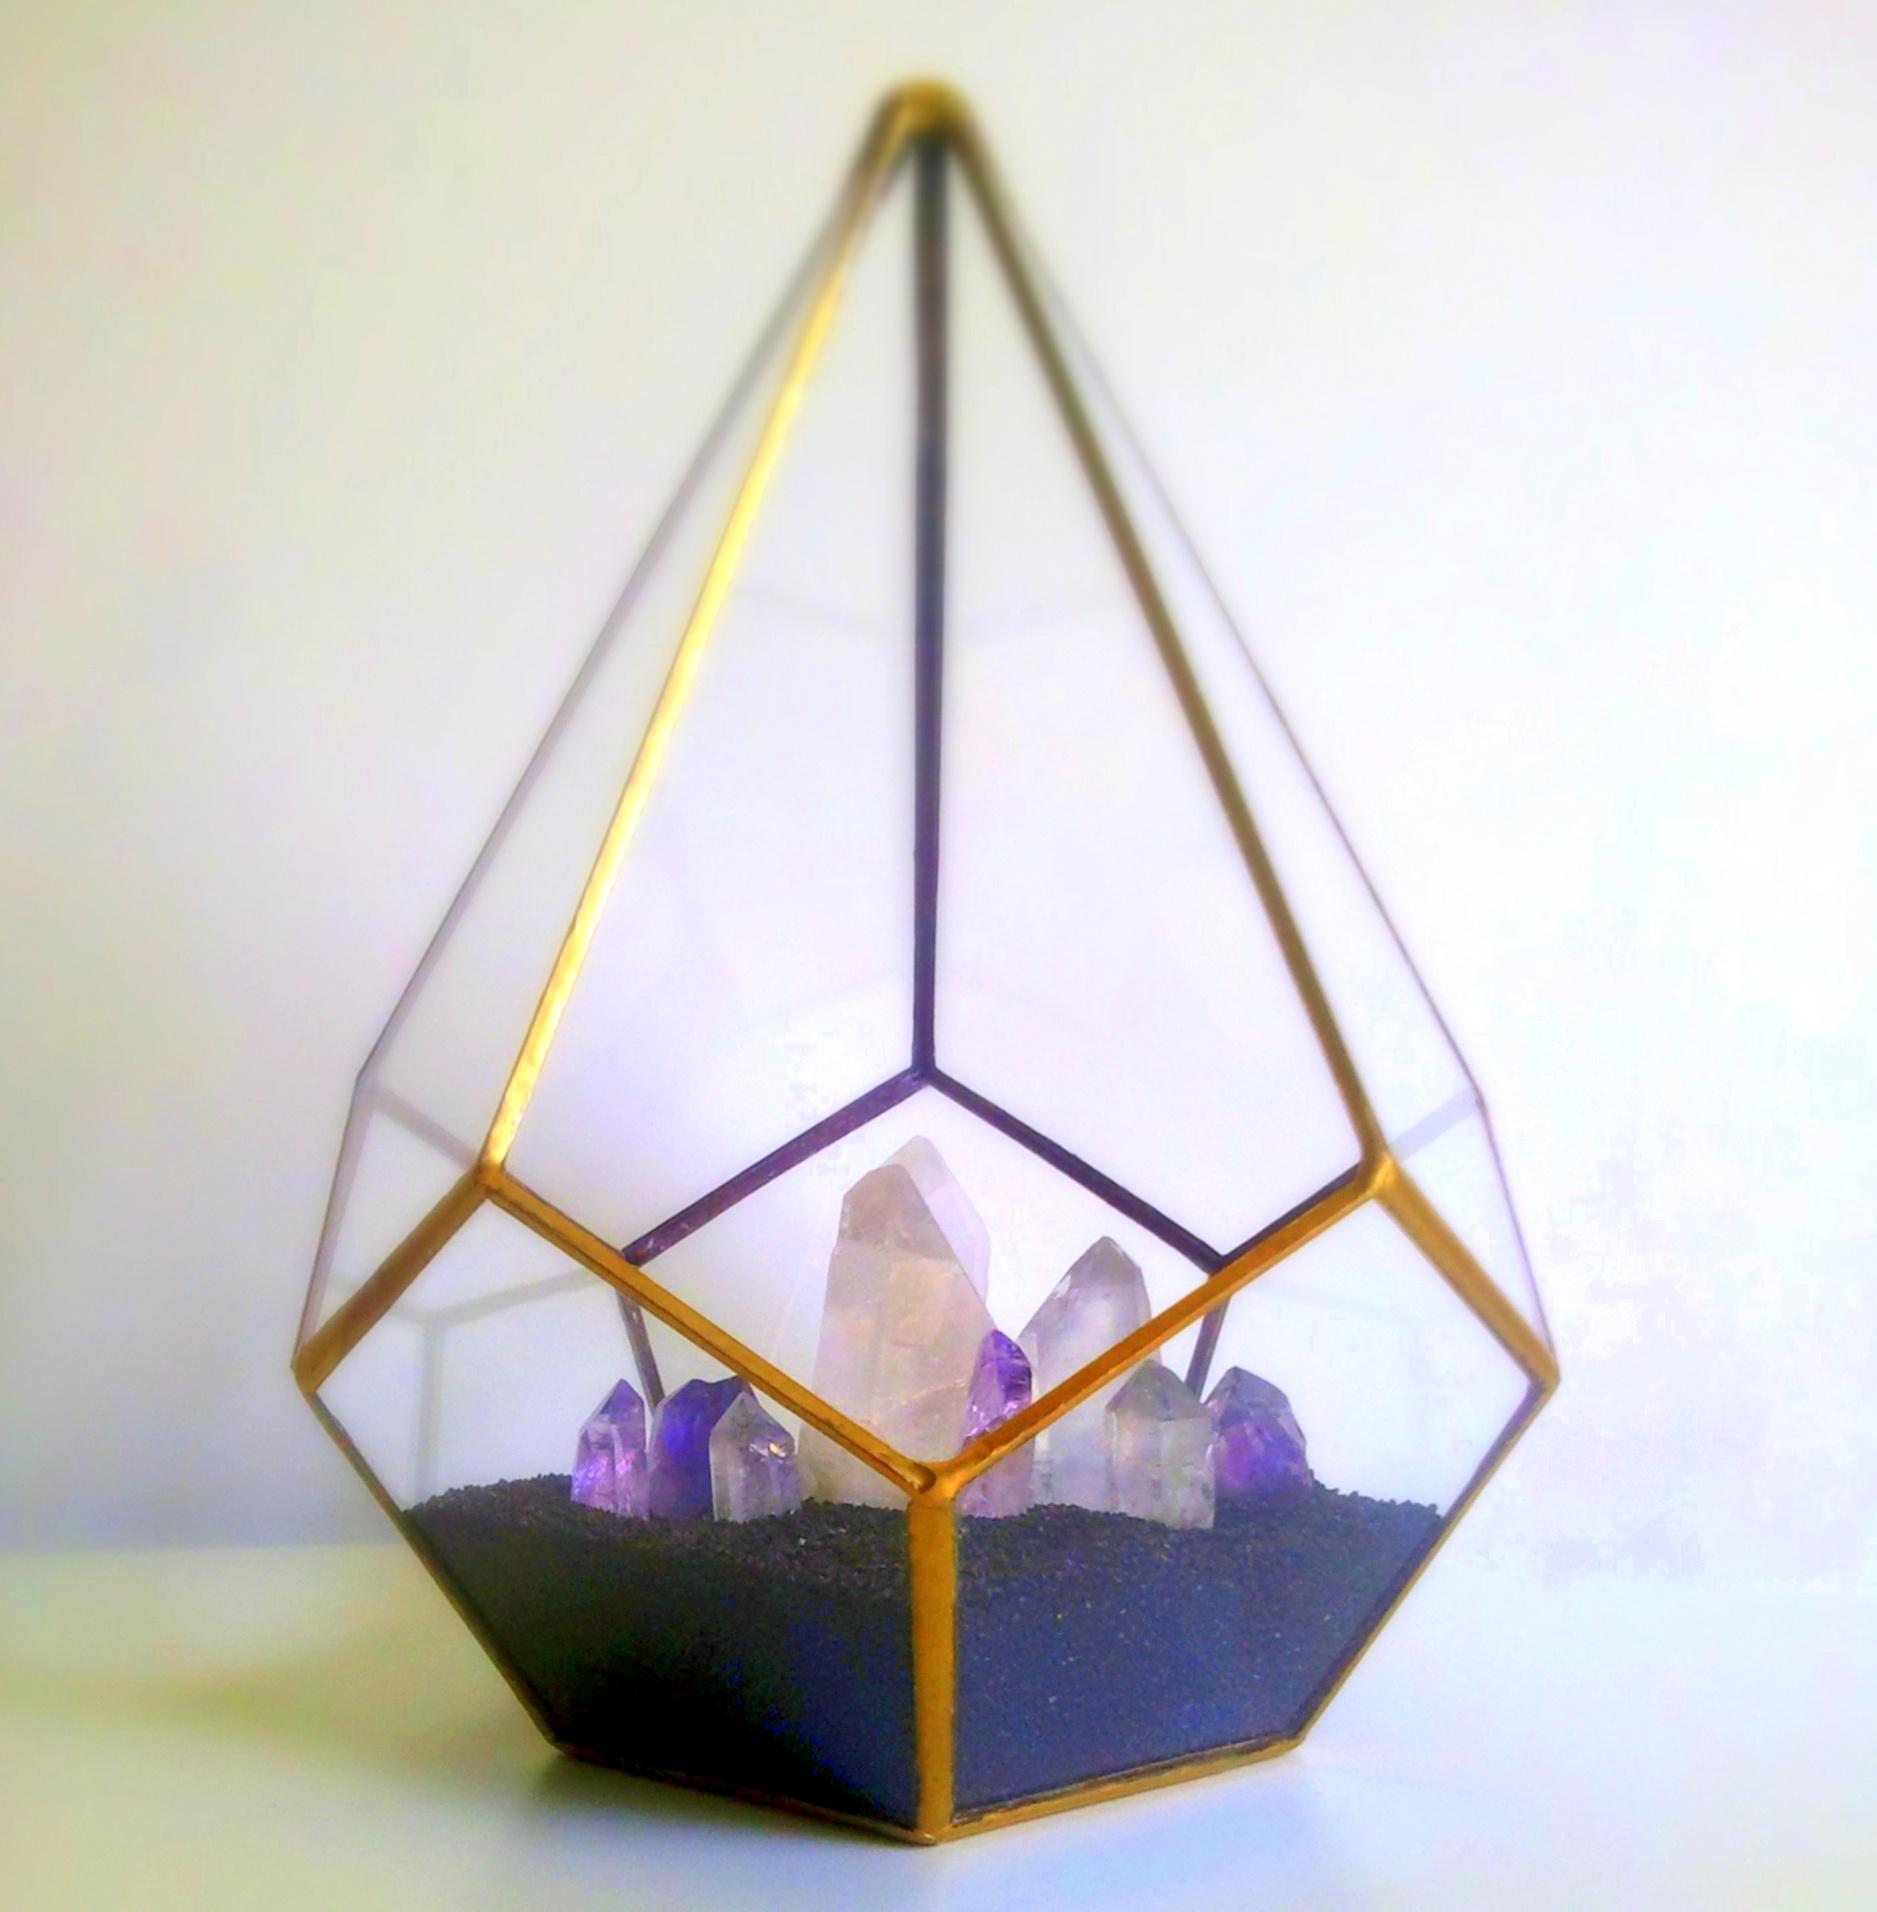 Gold Teardrop Terrarium Crystal Garden Geometric Decor